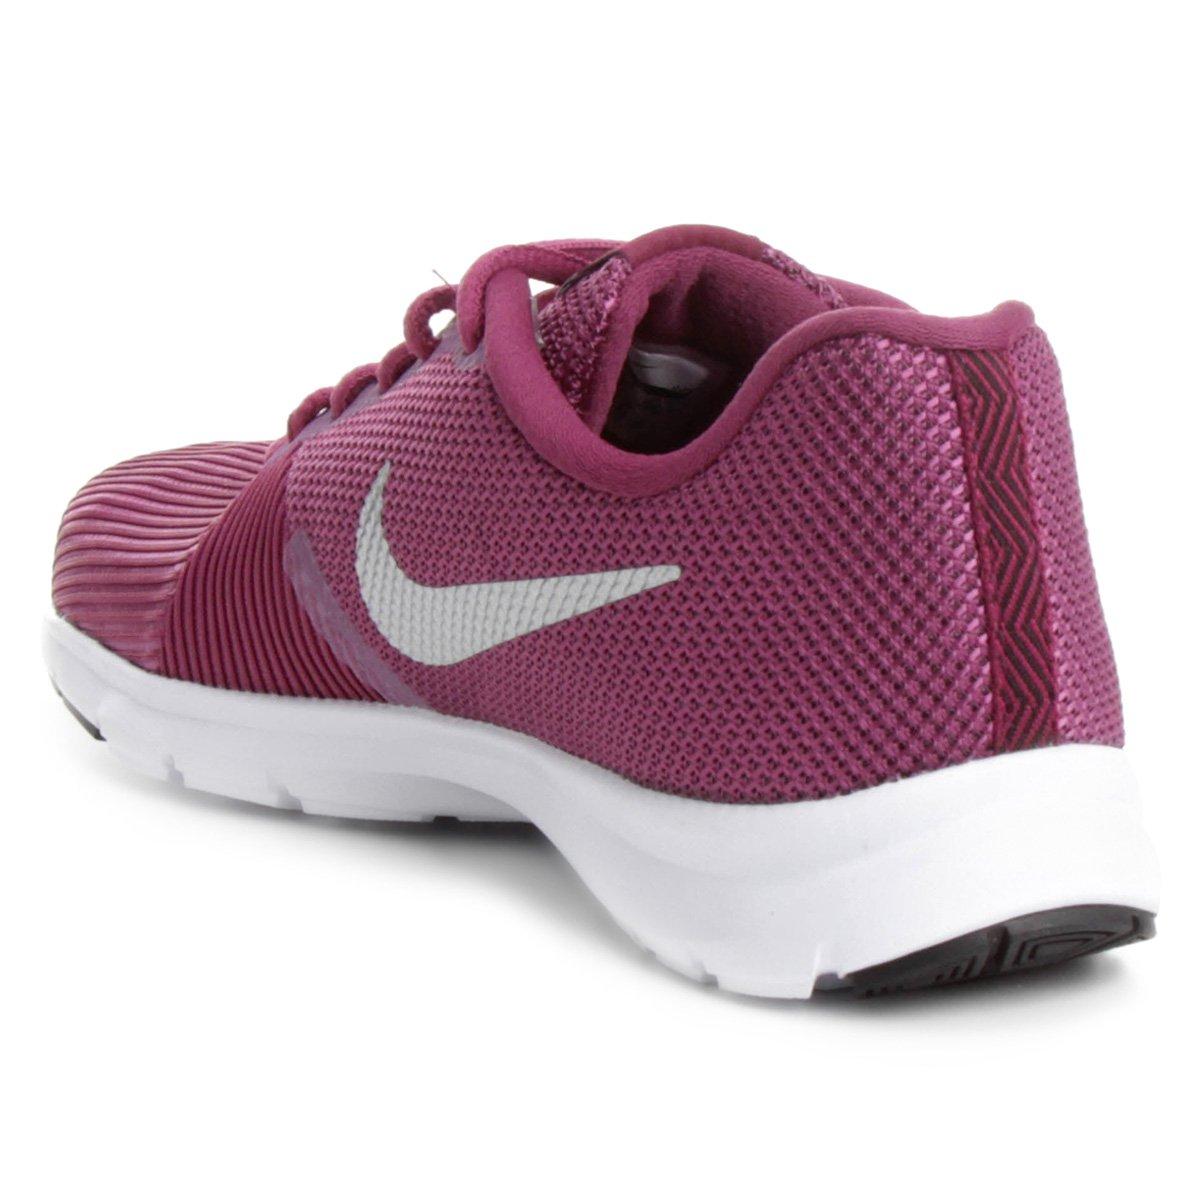 Tenis nike feminino lindo NikeSweetKicks 3684d4b9cbf62